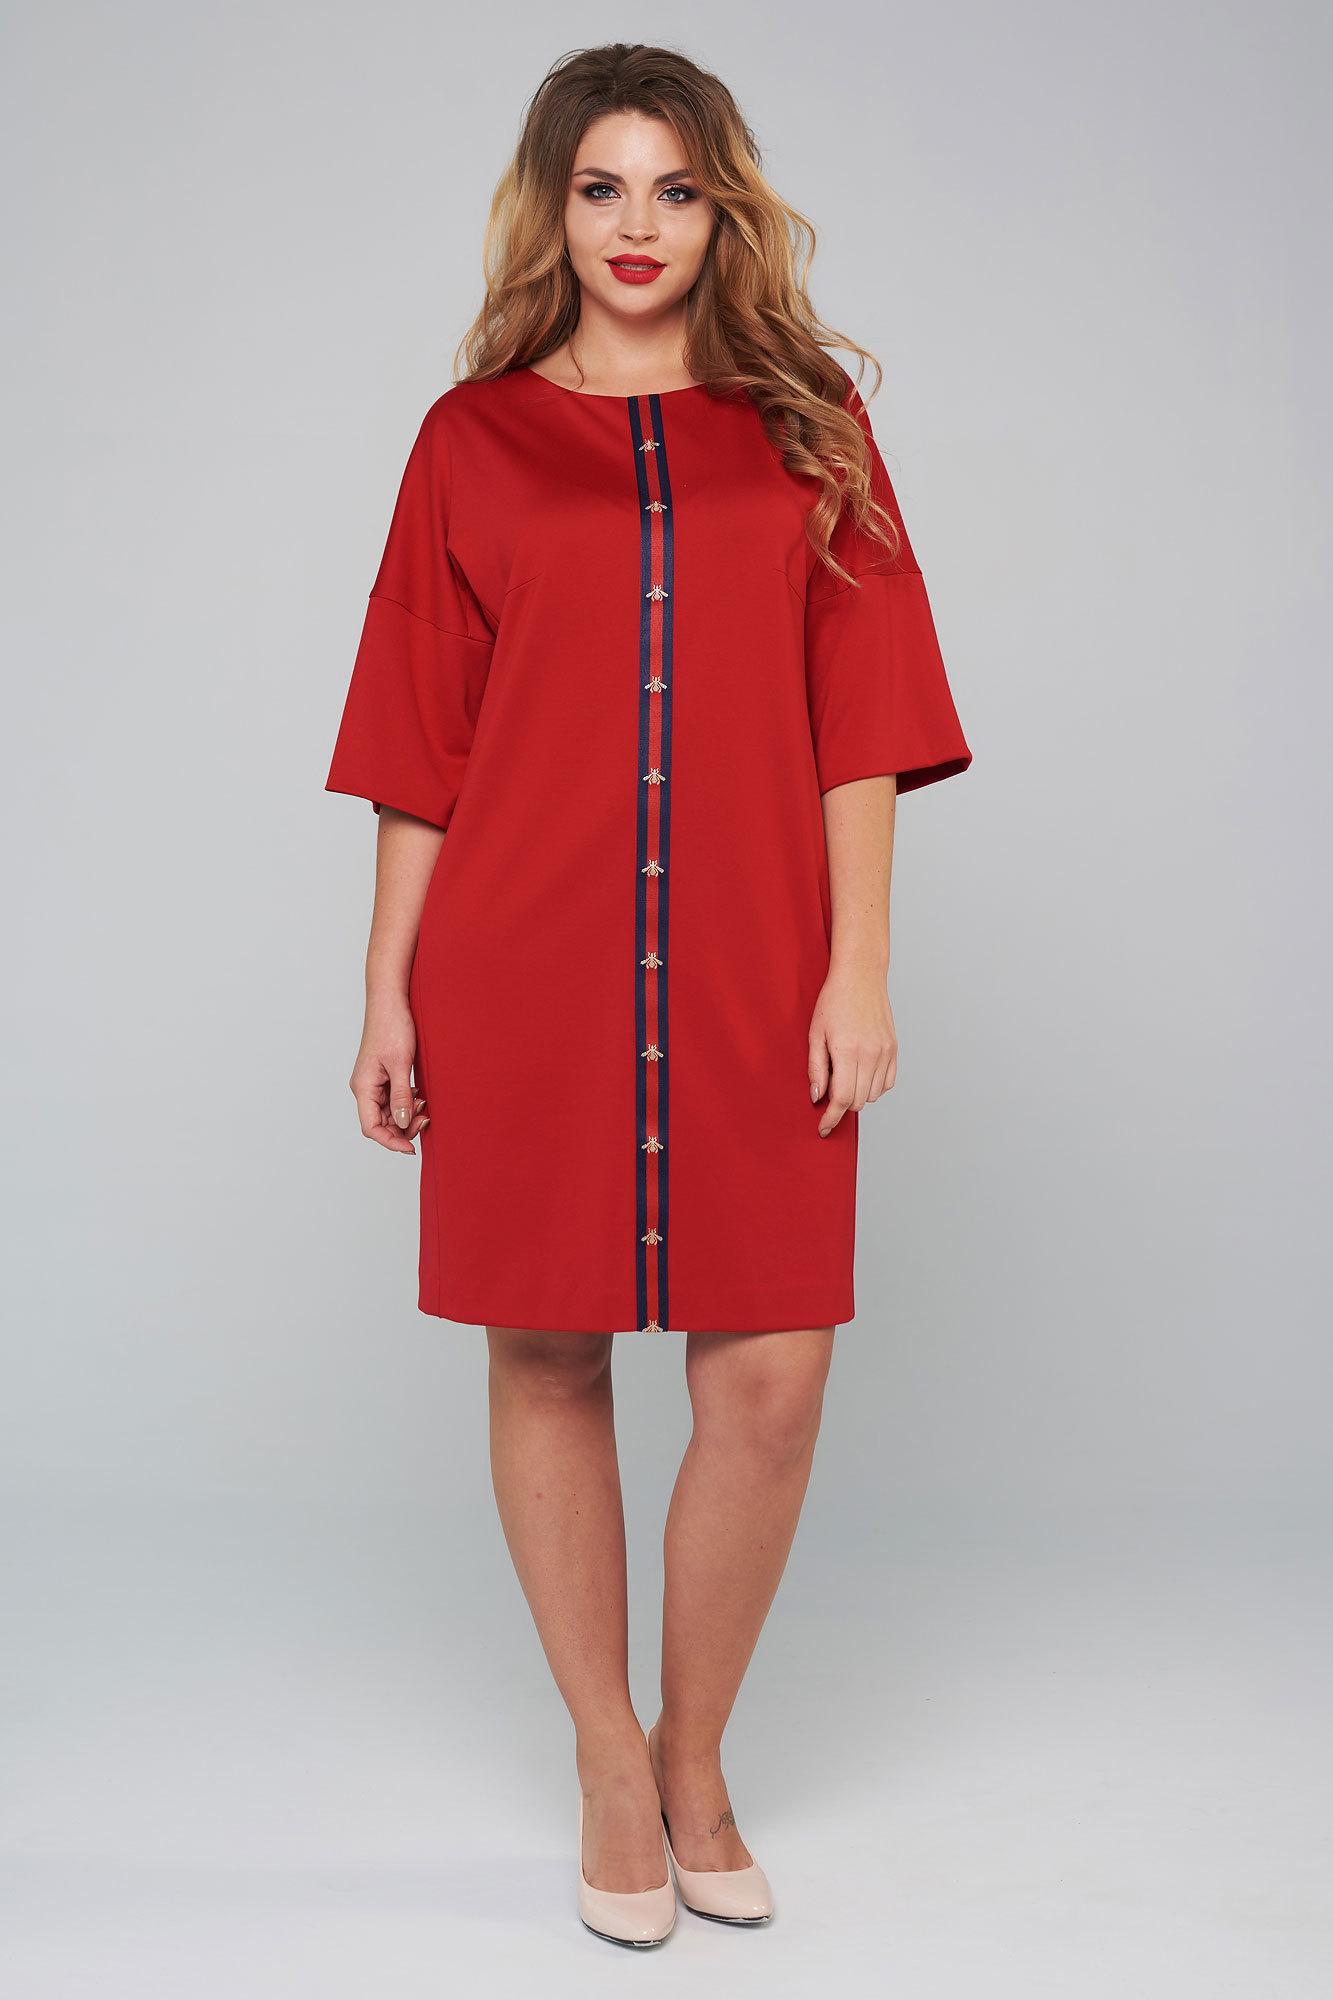 Платья Платье из джерси 1997 4703557f76ce074b99658c9b6c5c03ac.jpg